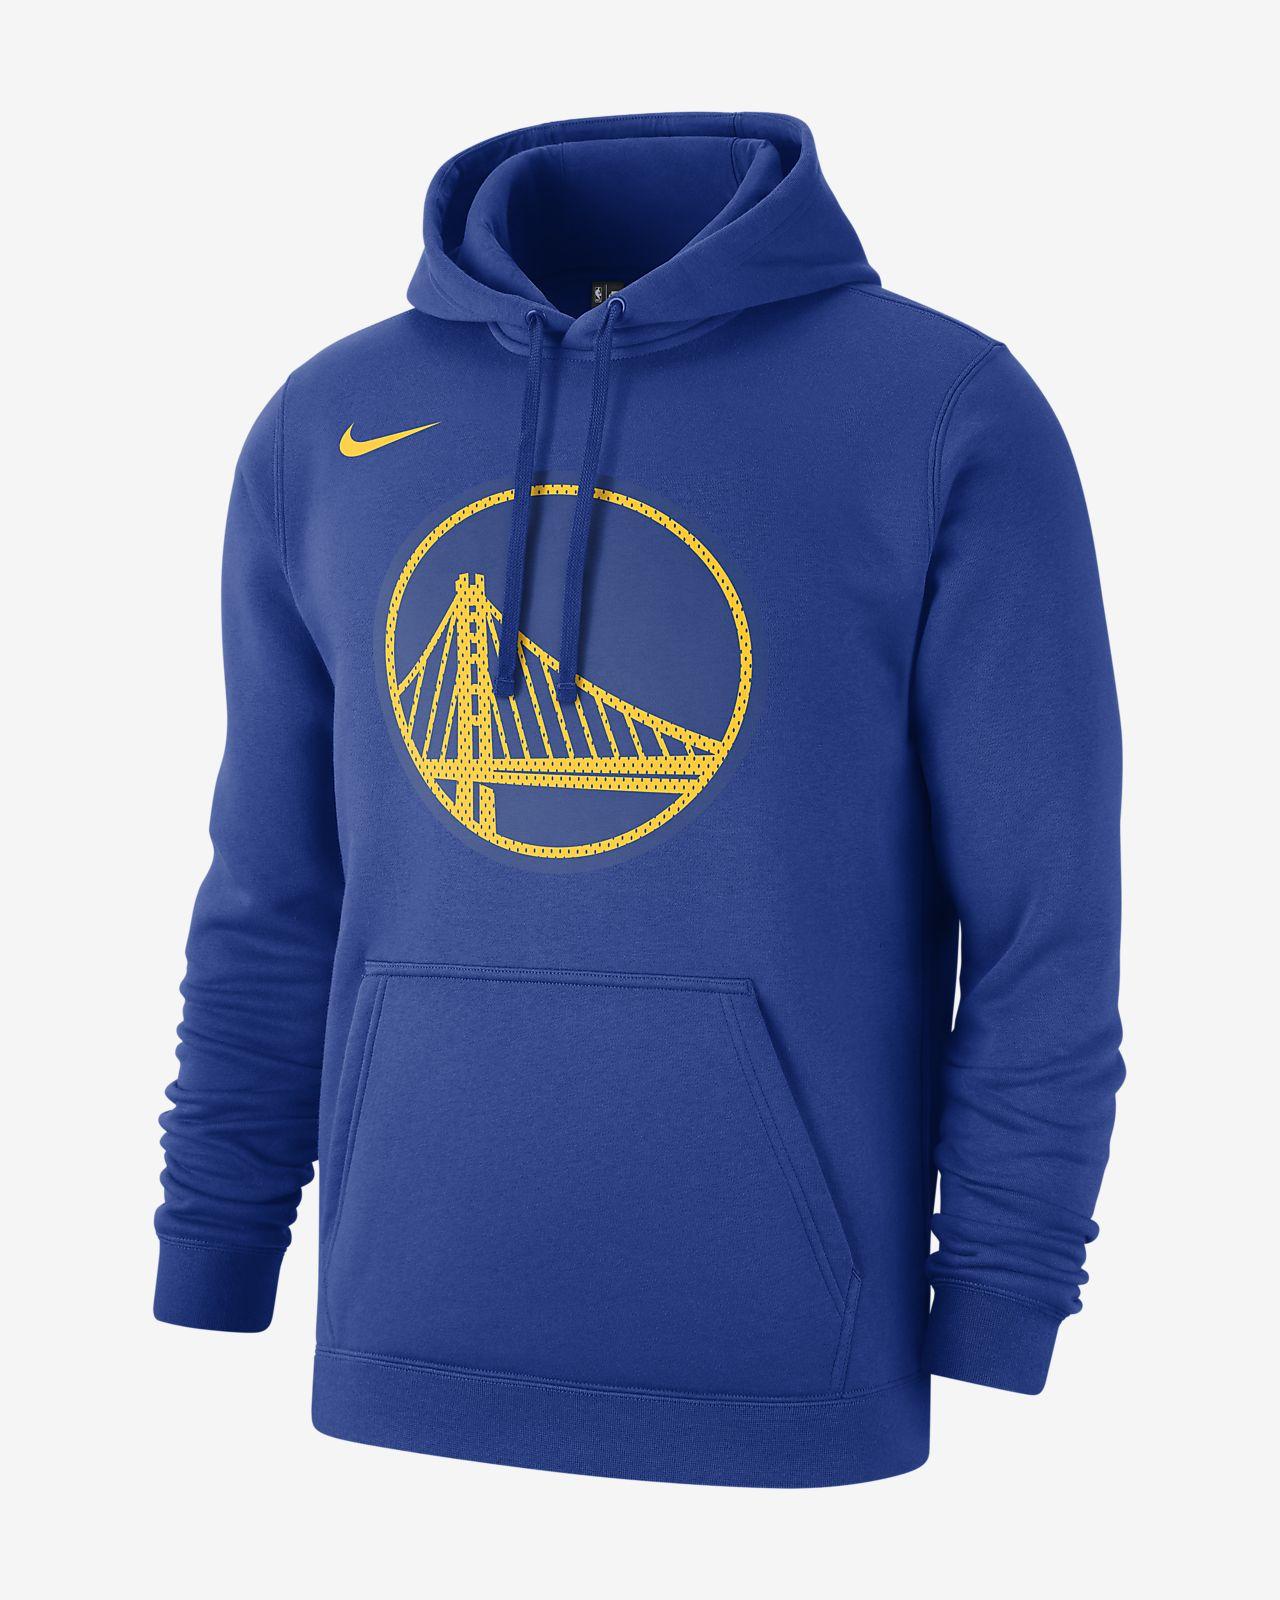 Golden State Warriors Nike 男款 NBA 連帽上衣